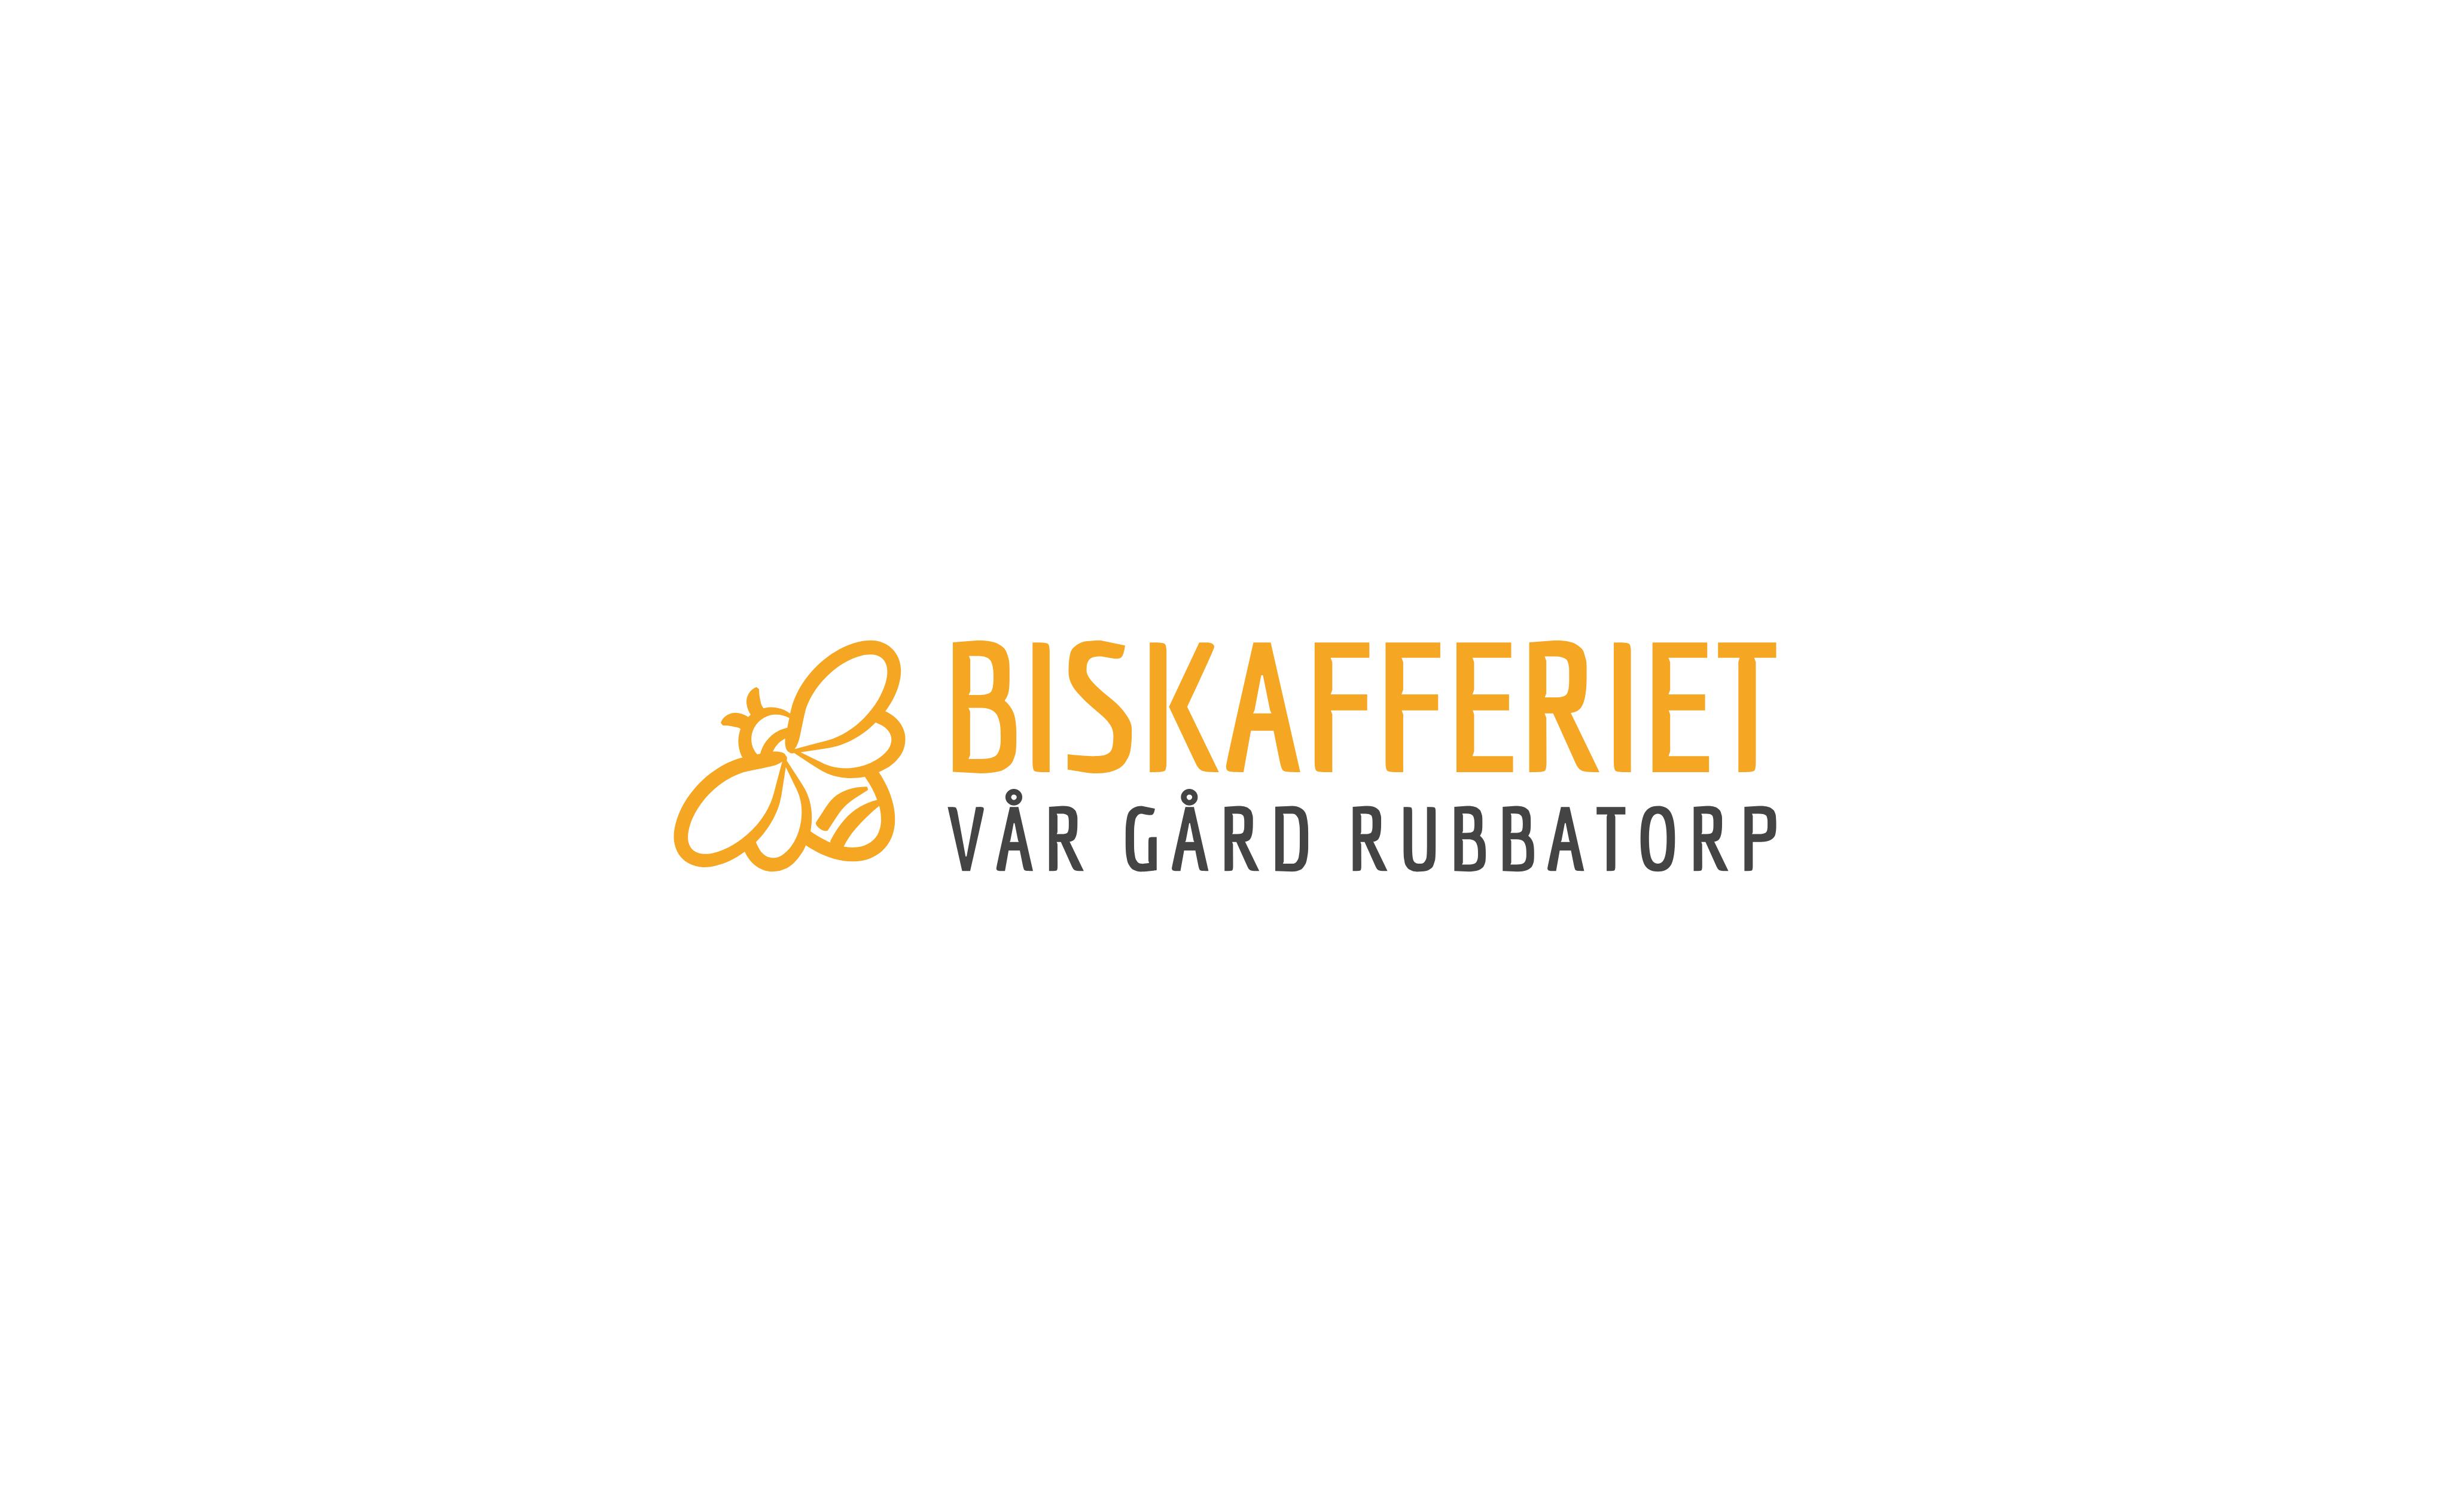 Biskafferiet / Vår Gård Rubbatorp